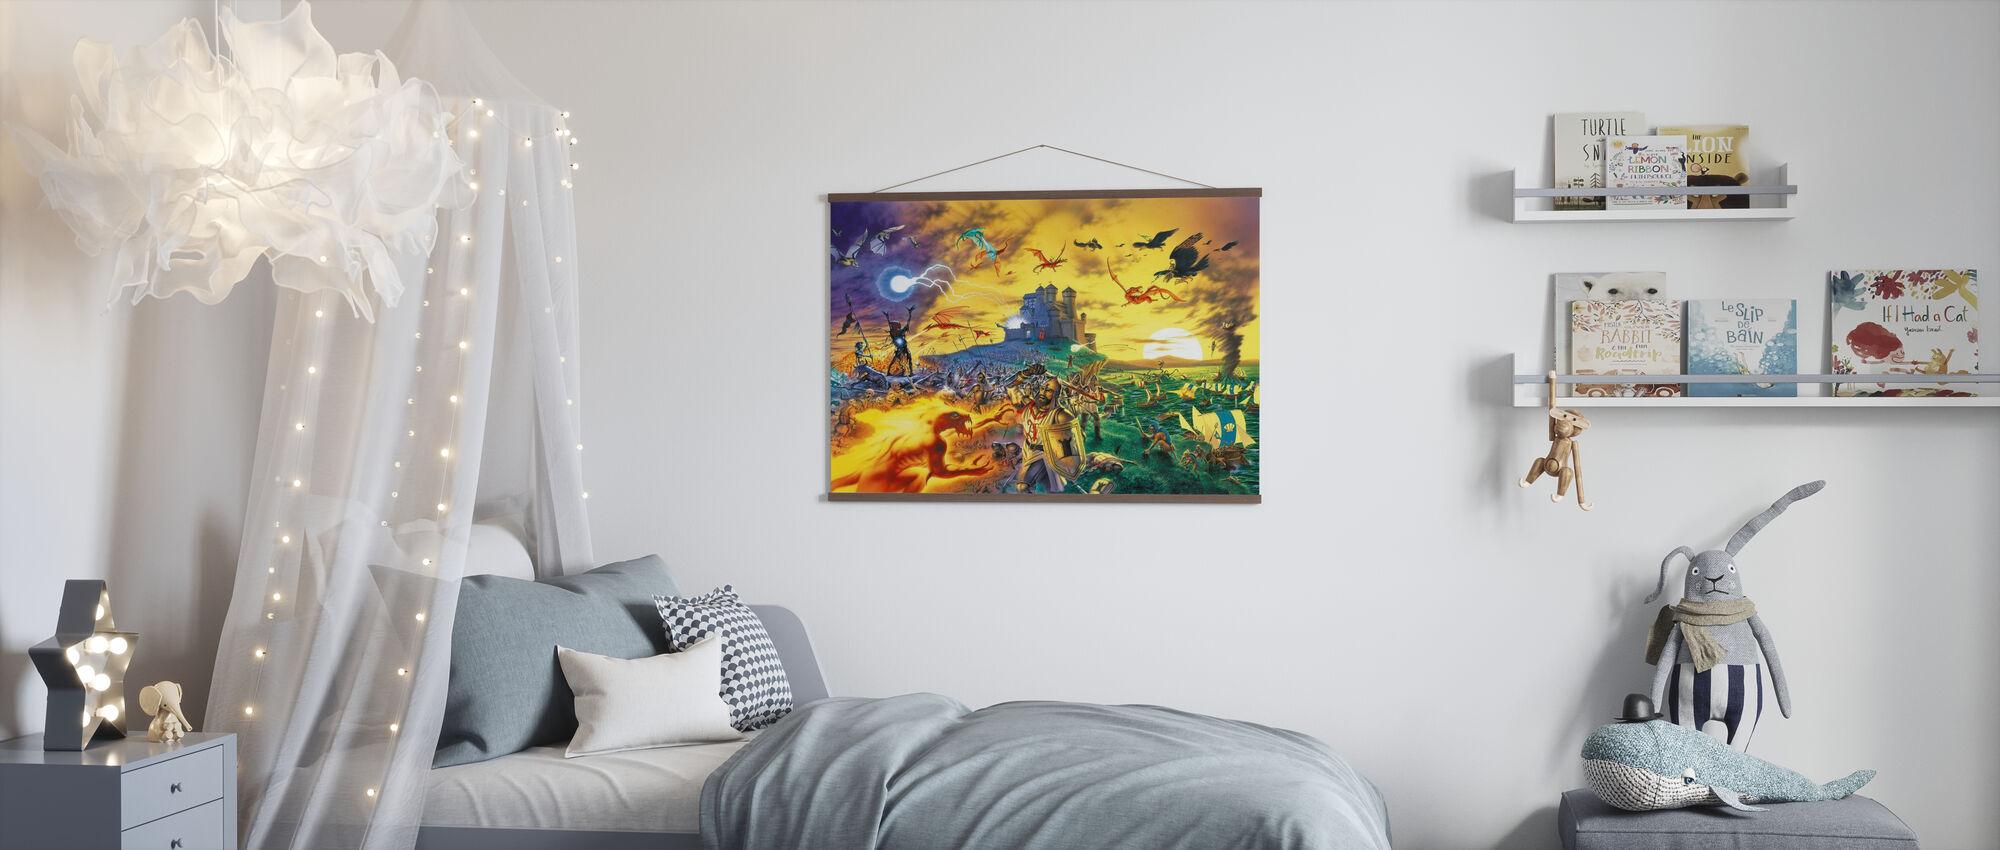 Fantasy-Schlacht - Poster - Kinderzimmer